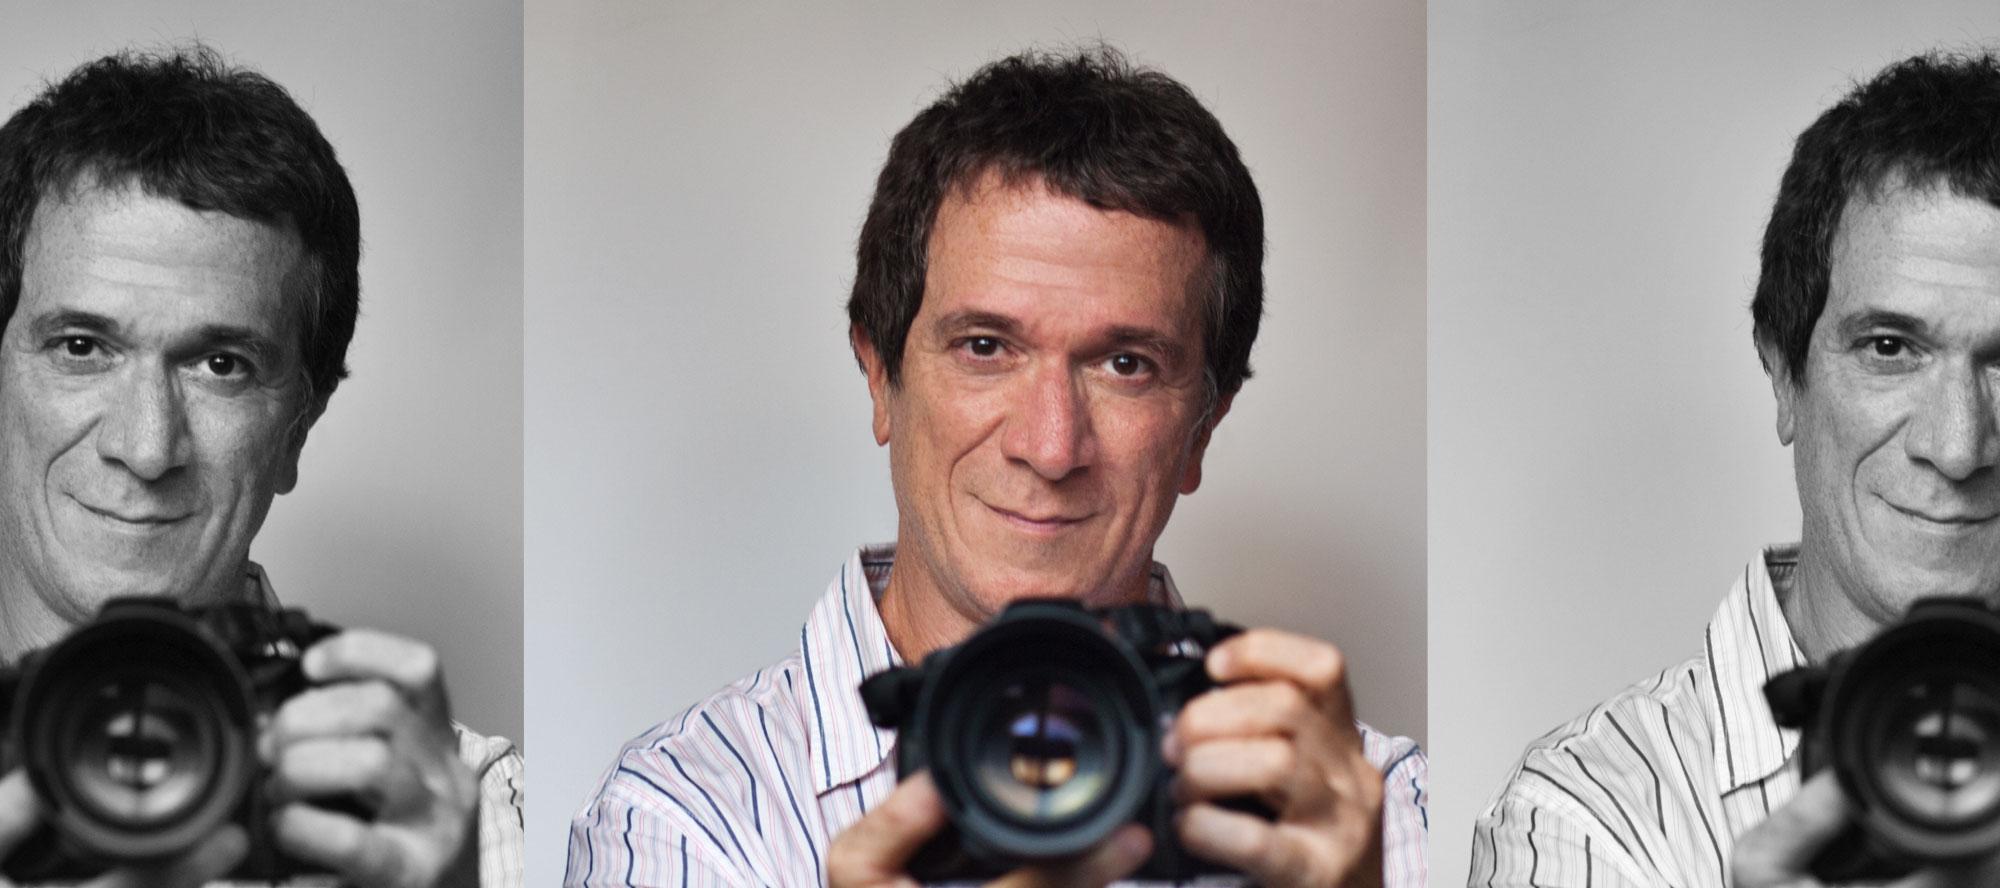 Max Mencarelli, autoritratto, selfie, self-portrait